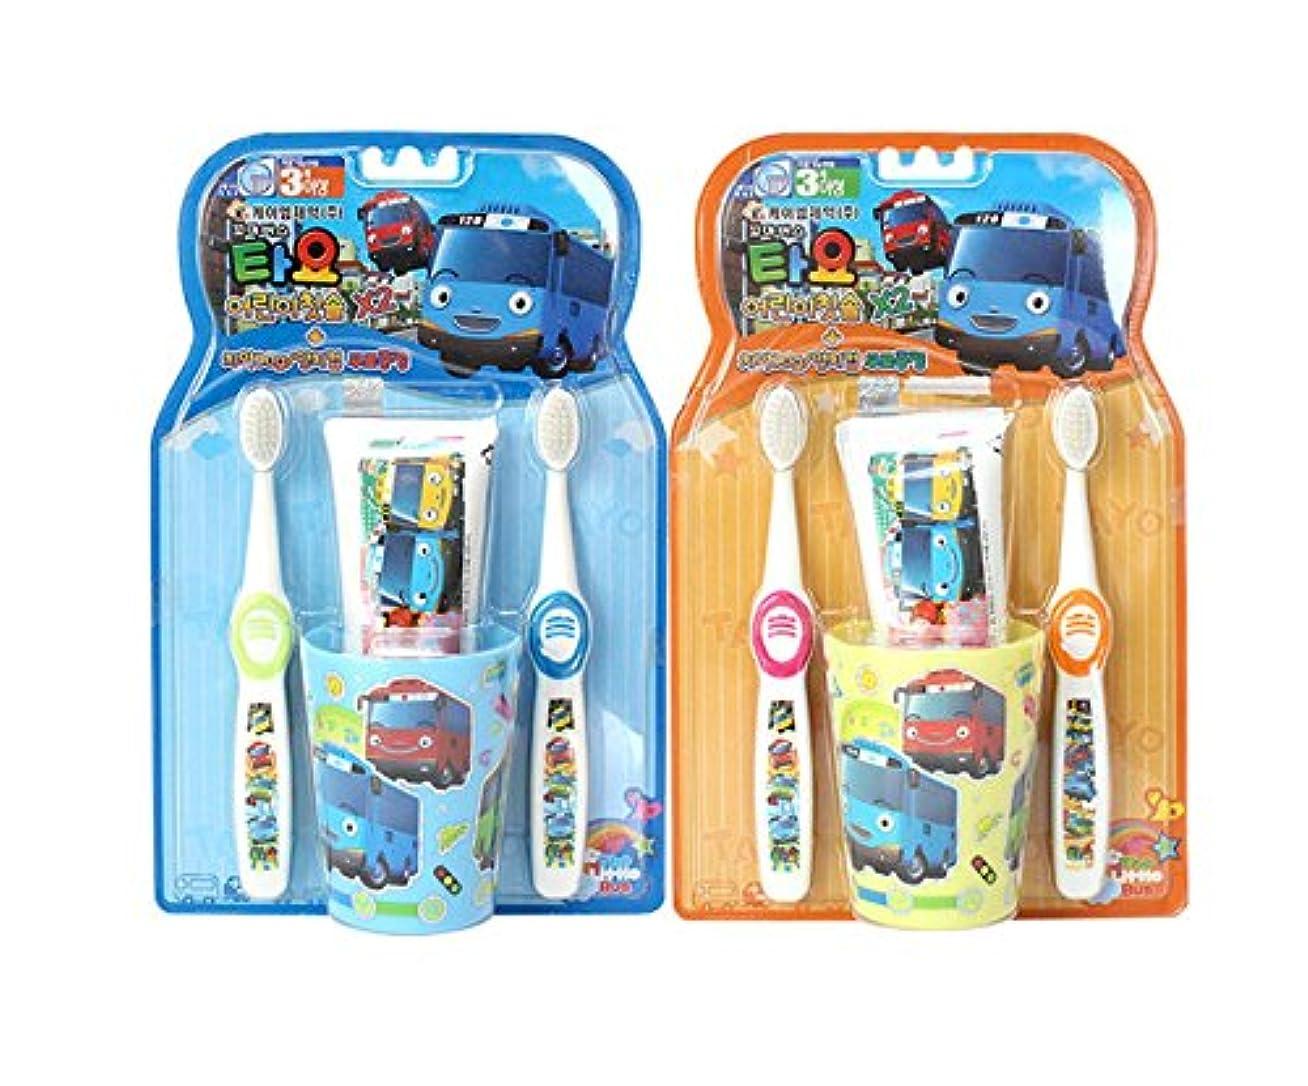 ブラインド肯定的マウンド[SET] Tayo The Little Bus ちびっこバス タヨ 子ども用ハブラシ 乳歯?オーラルケア 歯磨き粉 歯ブラシ 歯カップ セット 歯磨きセット子供の歯ブラシ (2 SET) [並行輸入品]